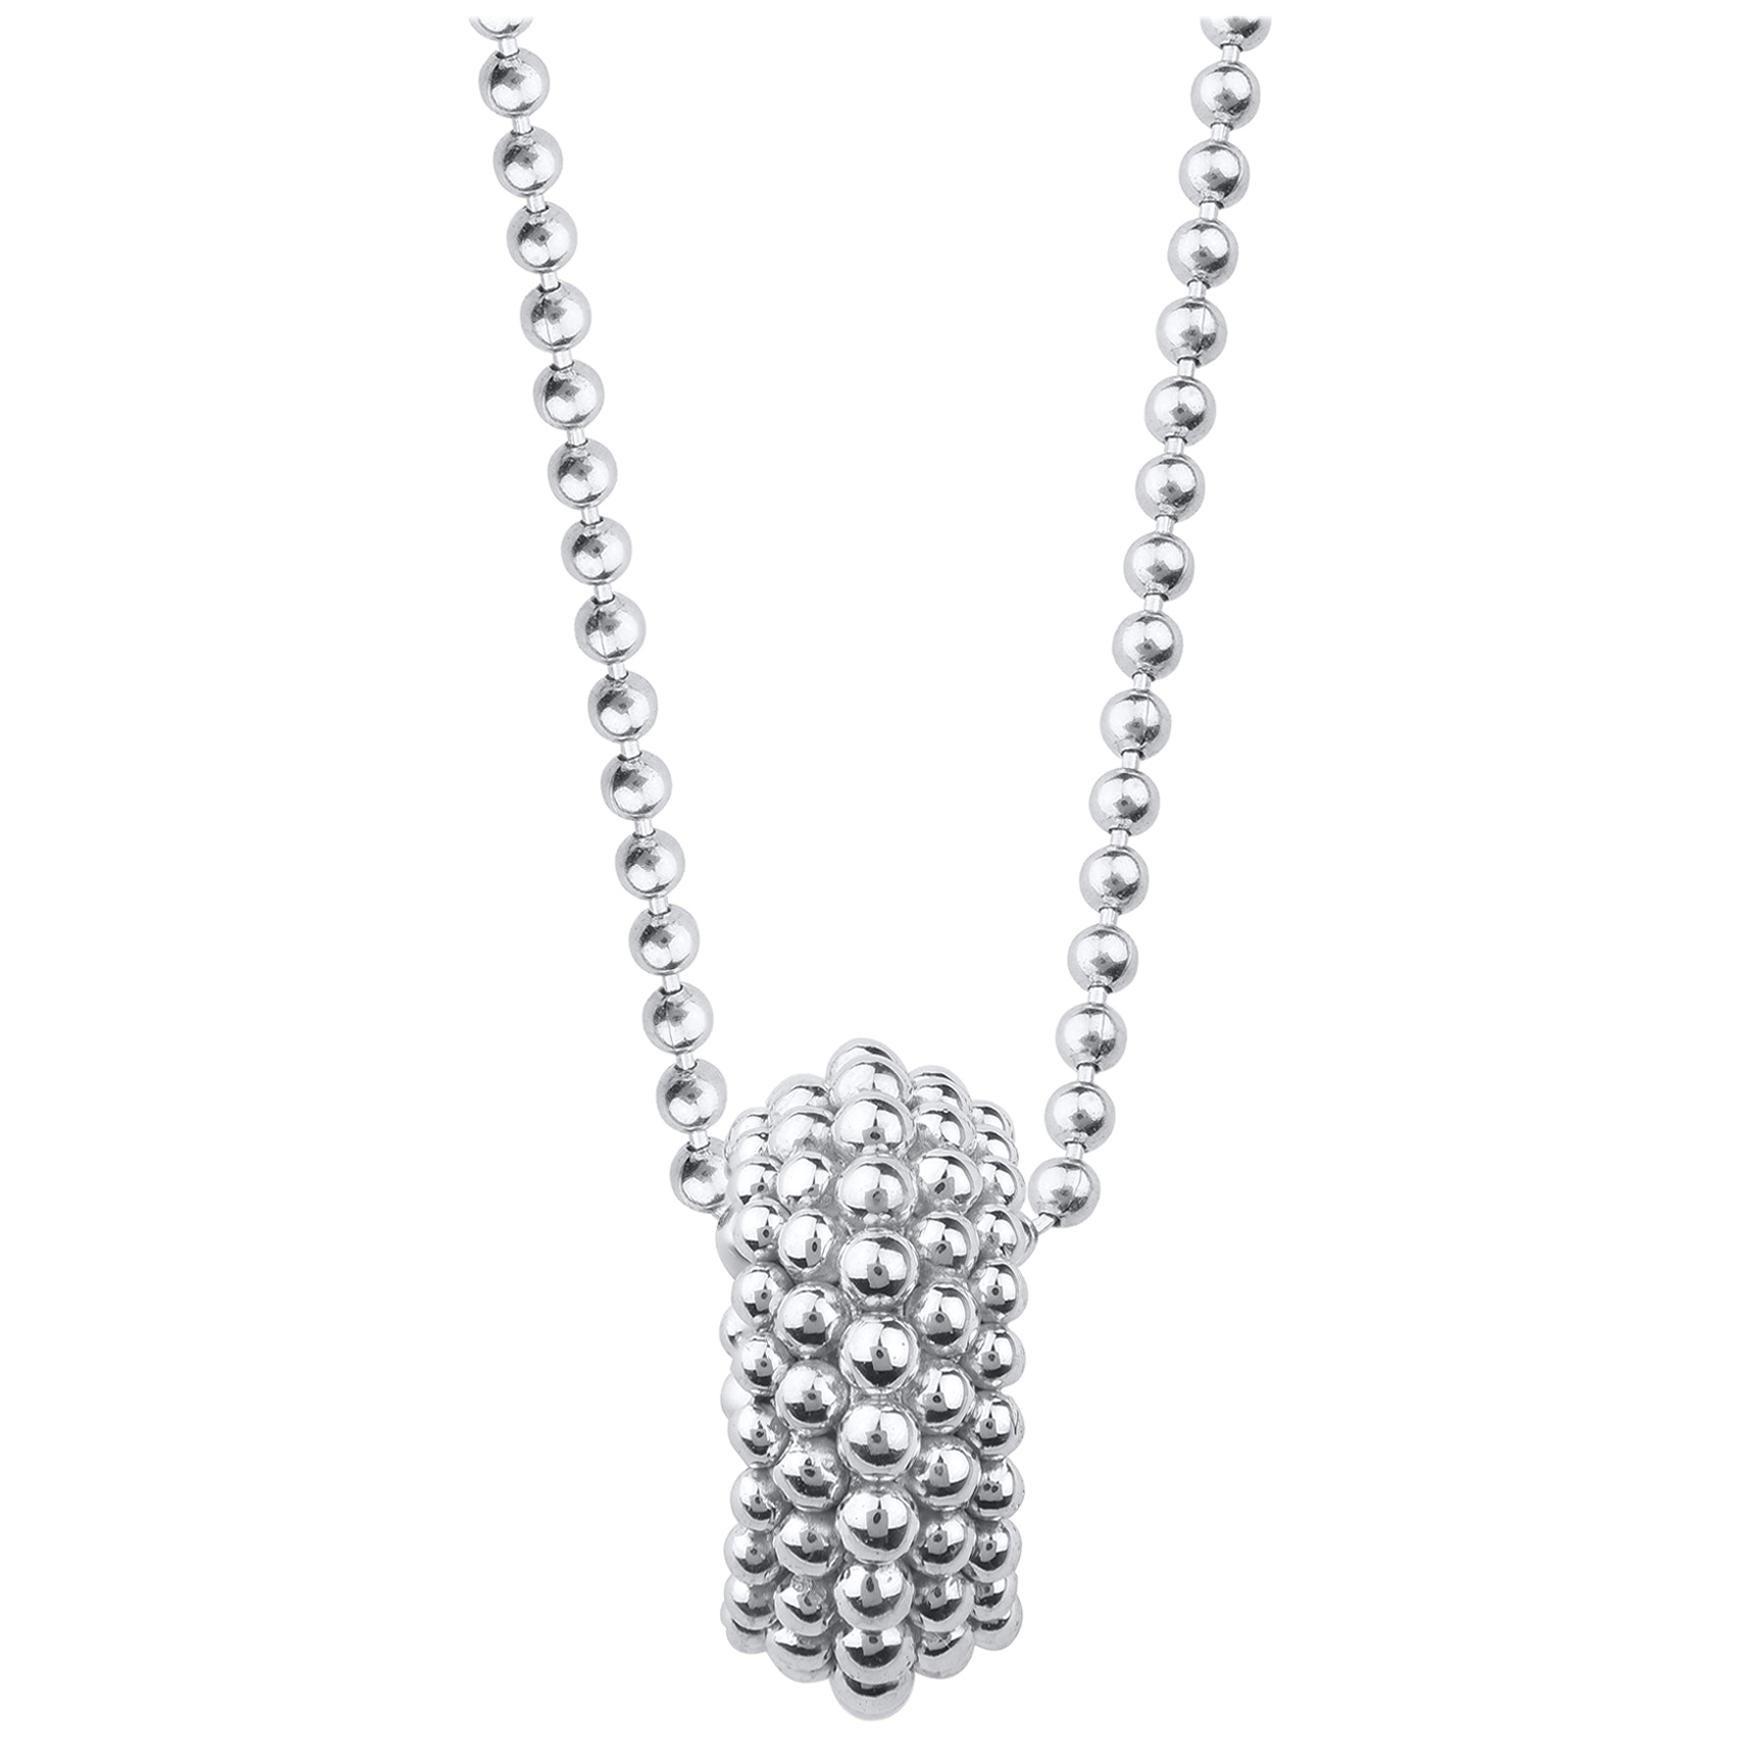 Harakh 18 Karat White Gold Sunlight Pendant Necklace